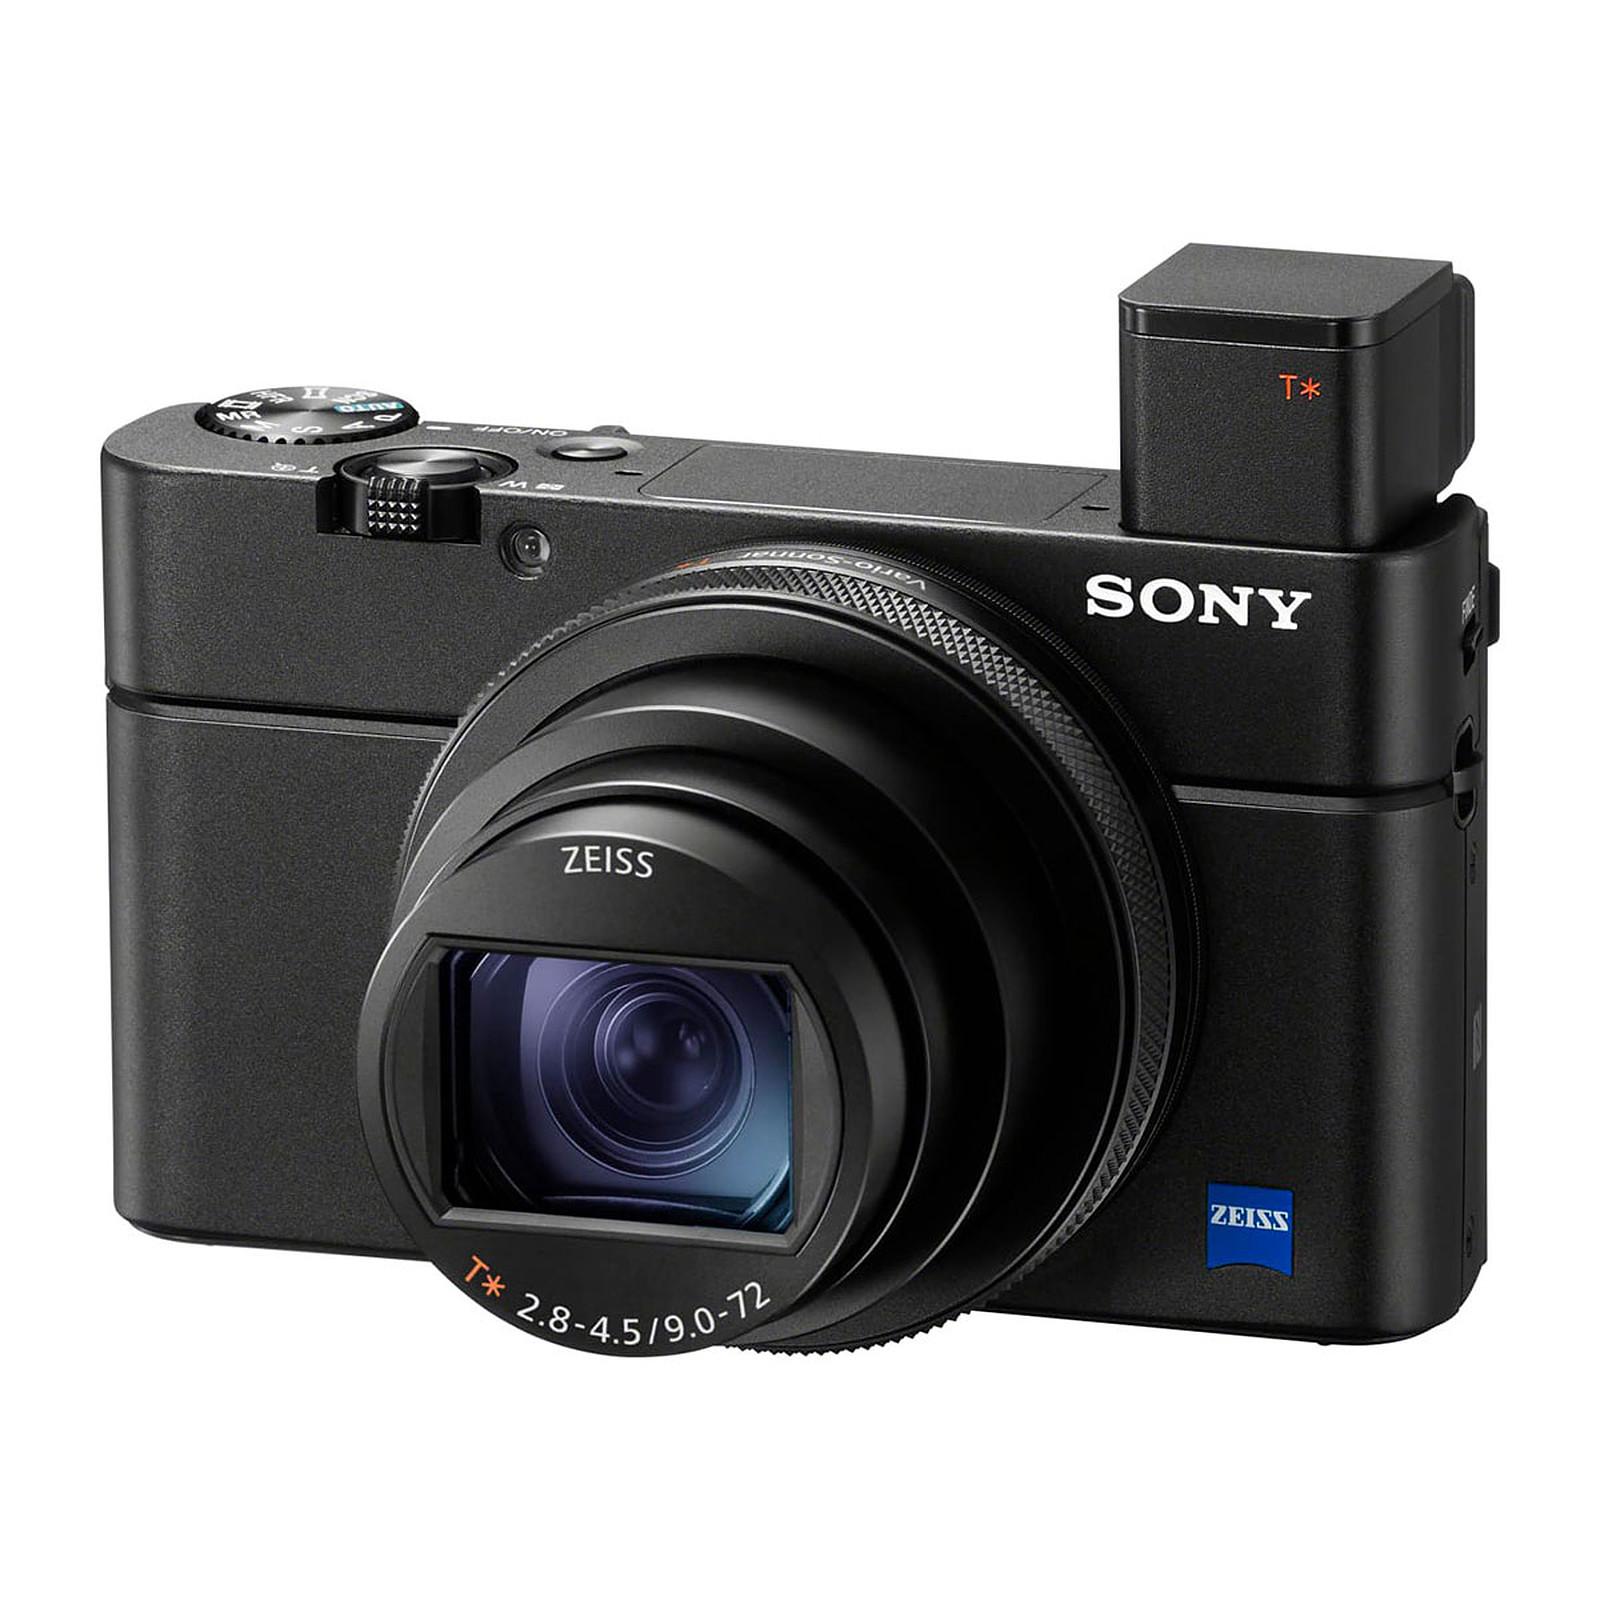 Disparador de cable de conexión S2 para Sony Cyber-shot DSC-RX100